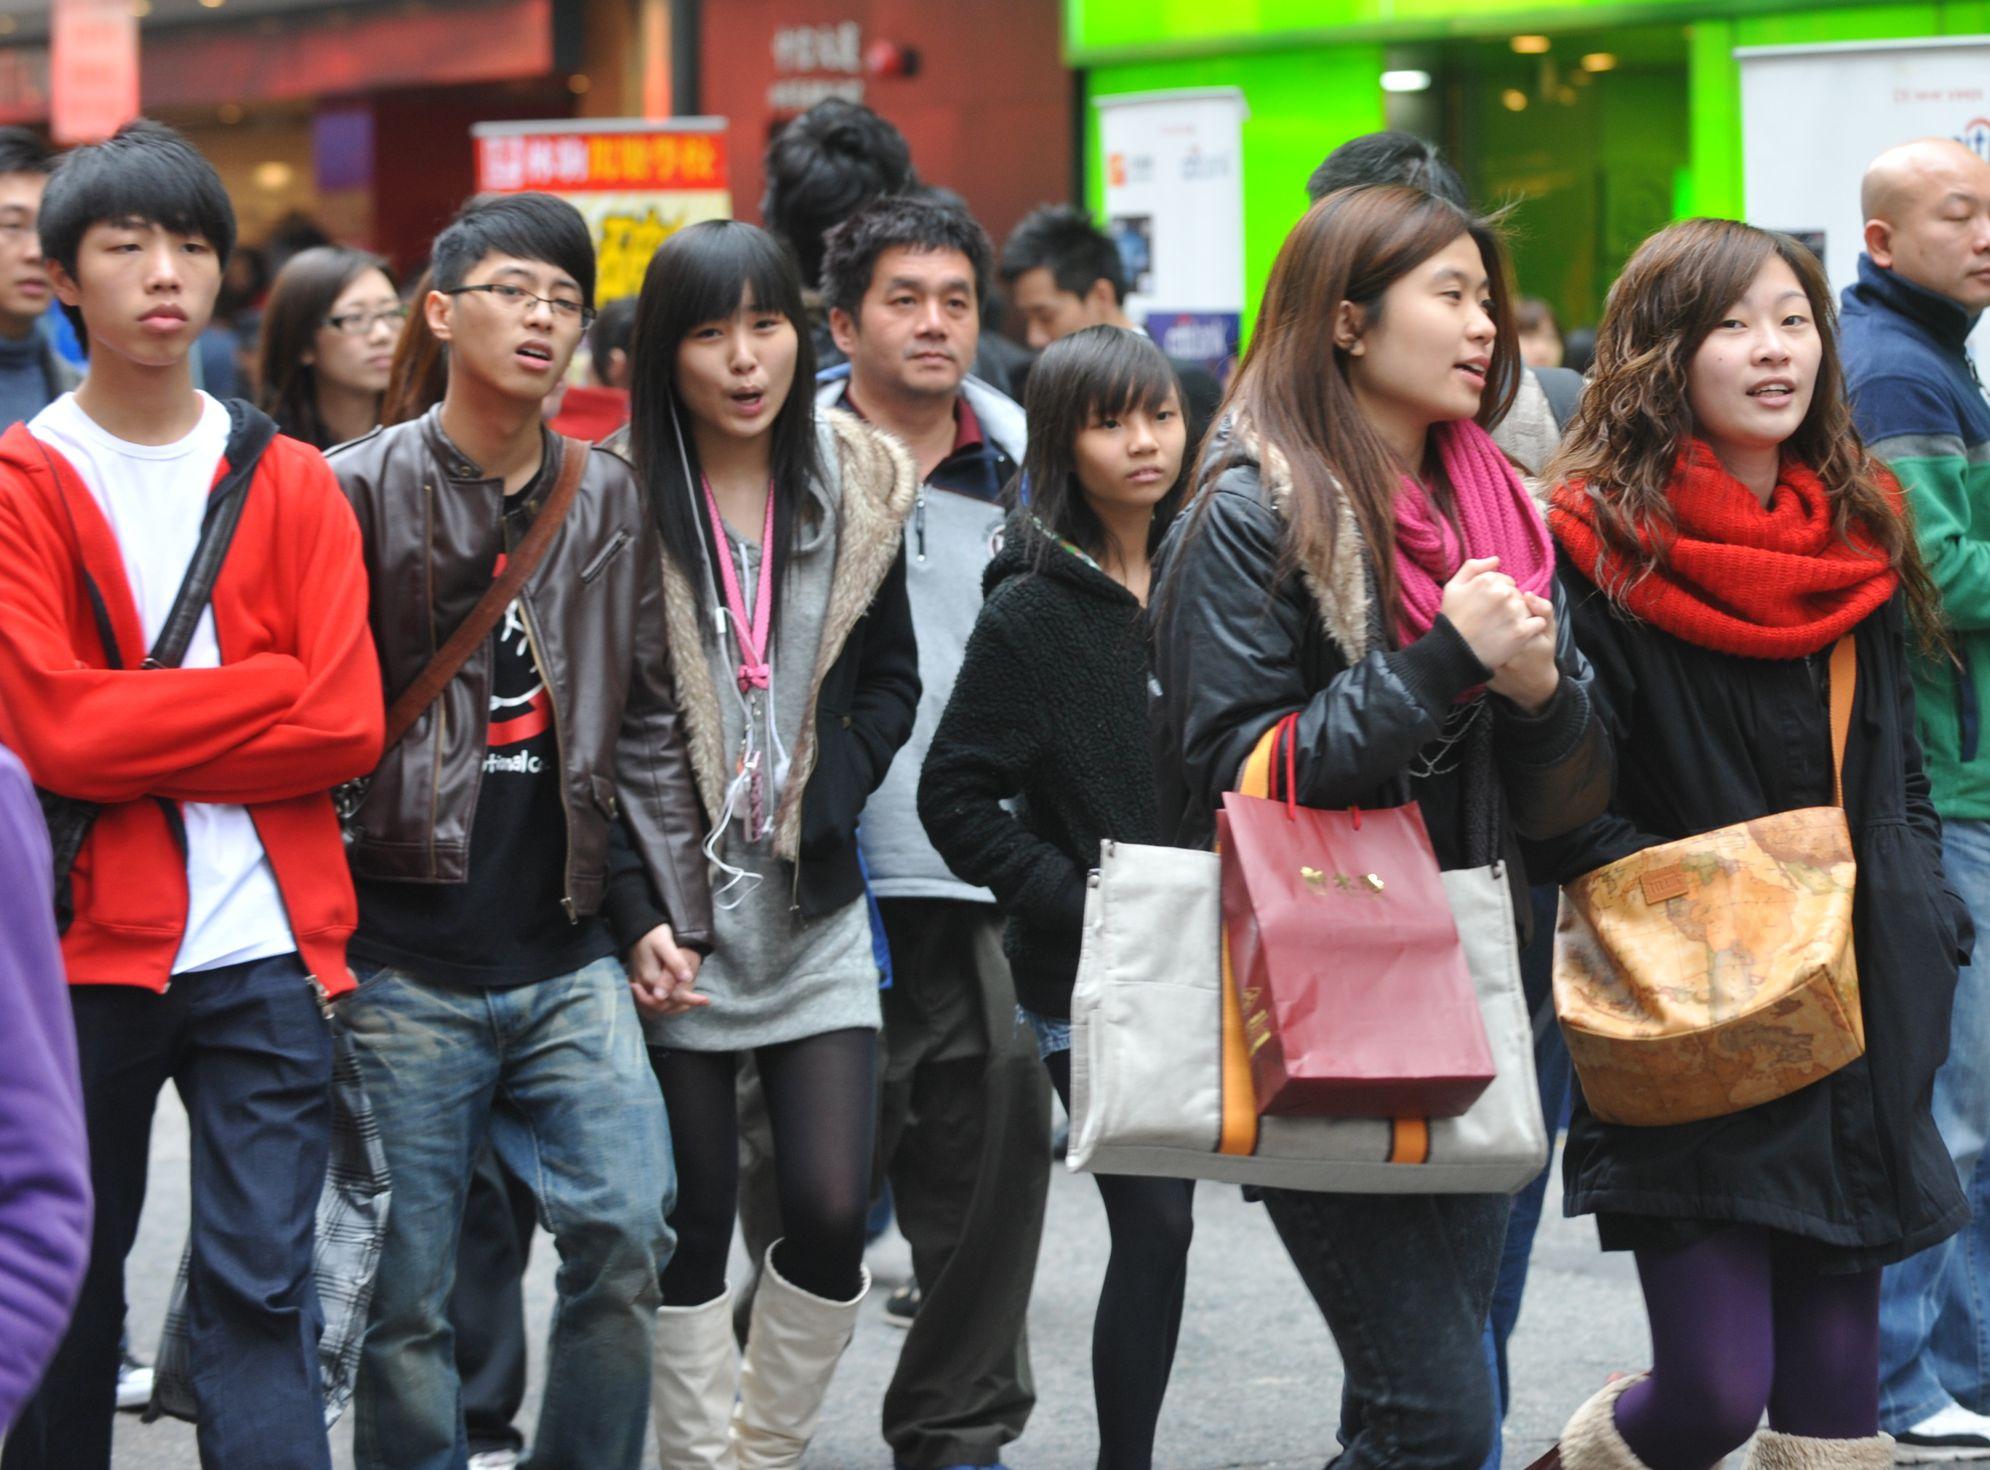 【修例风波】调查:42%青年近半年出现家庭冲突 当中七成与社会事件有关